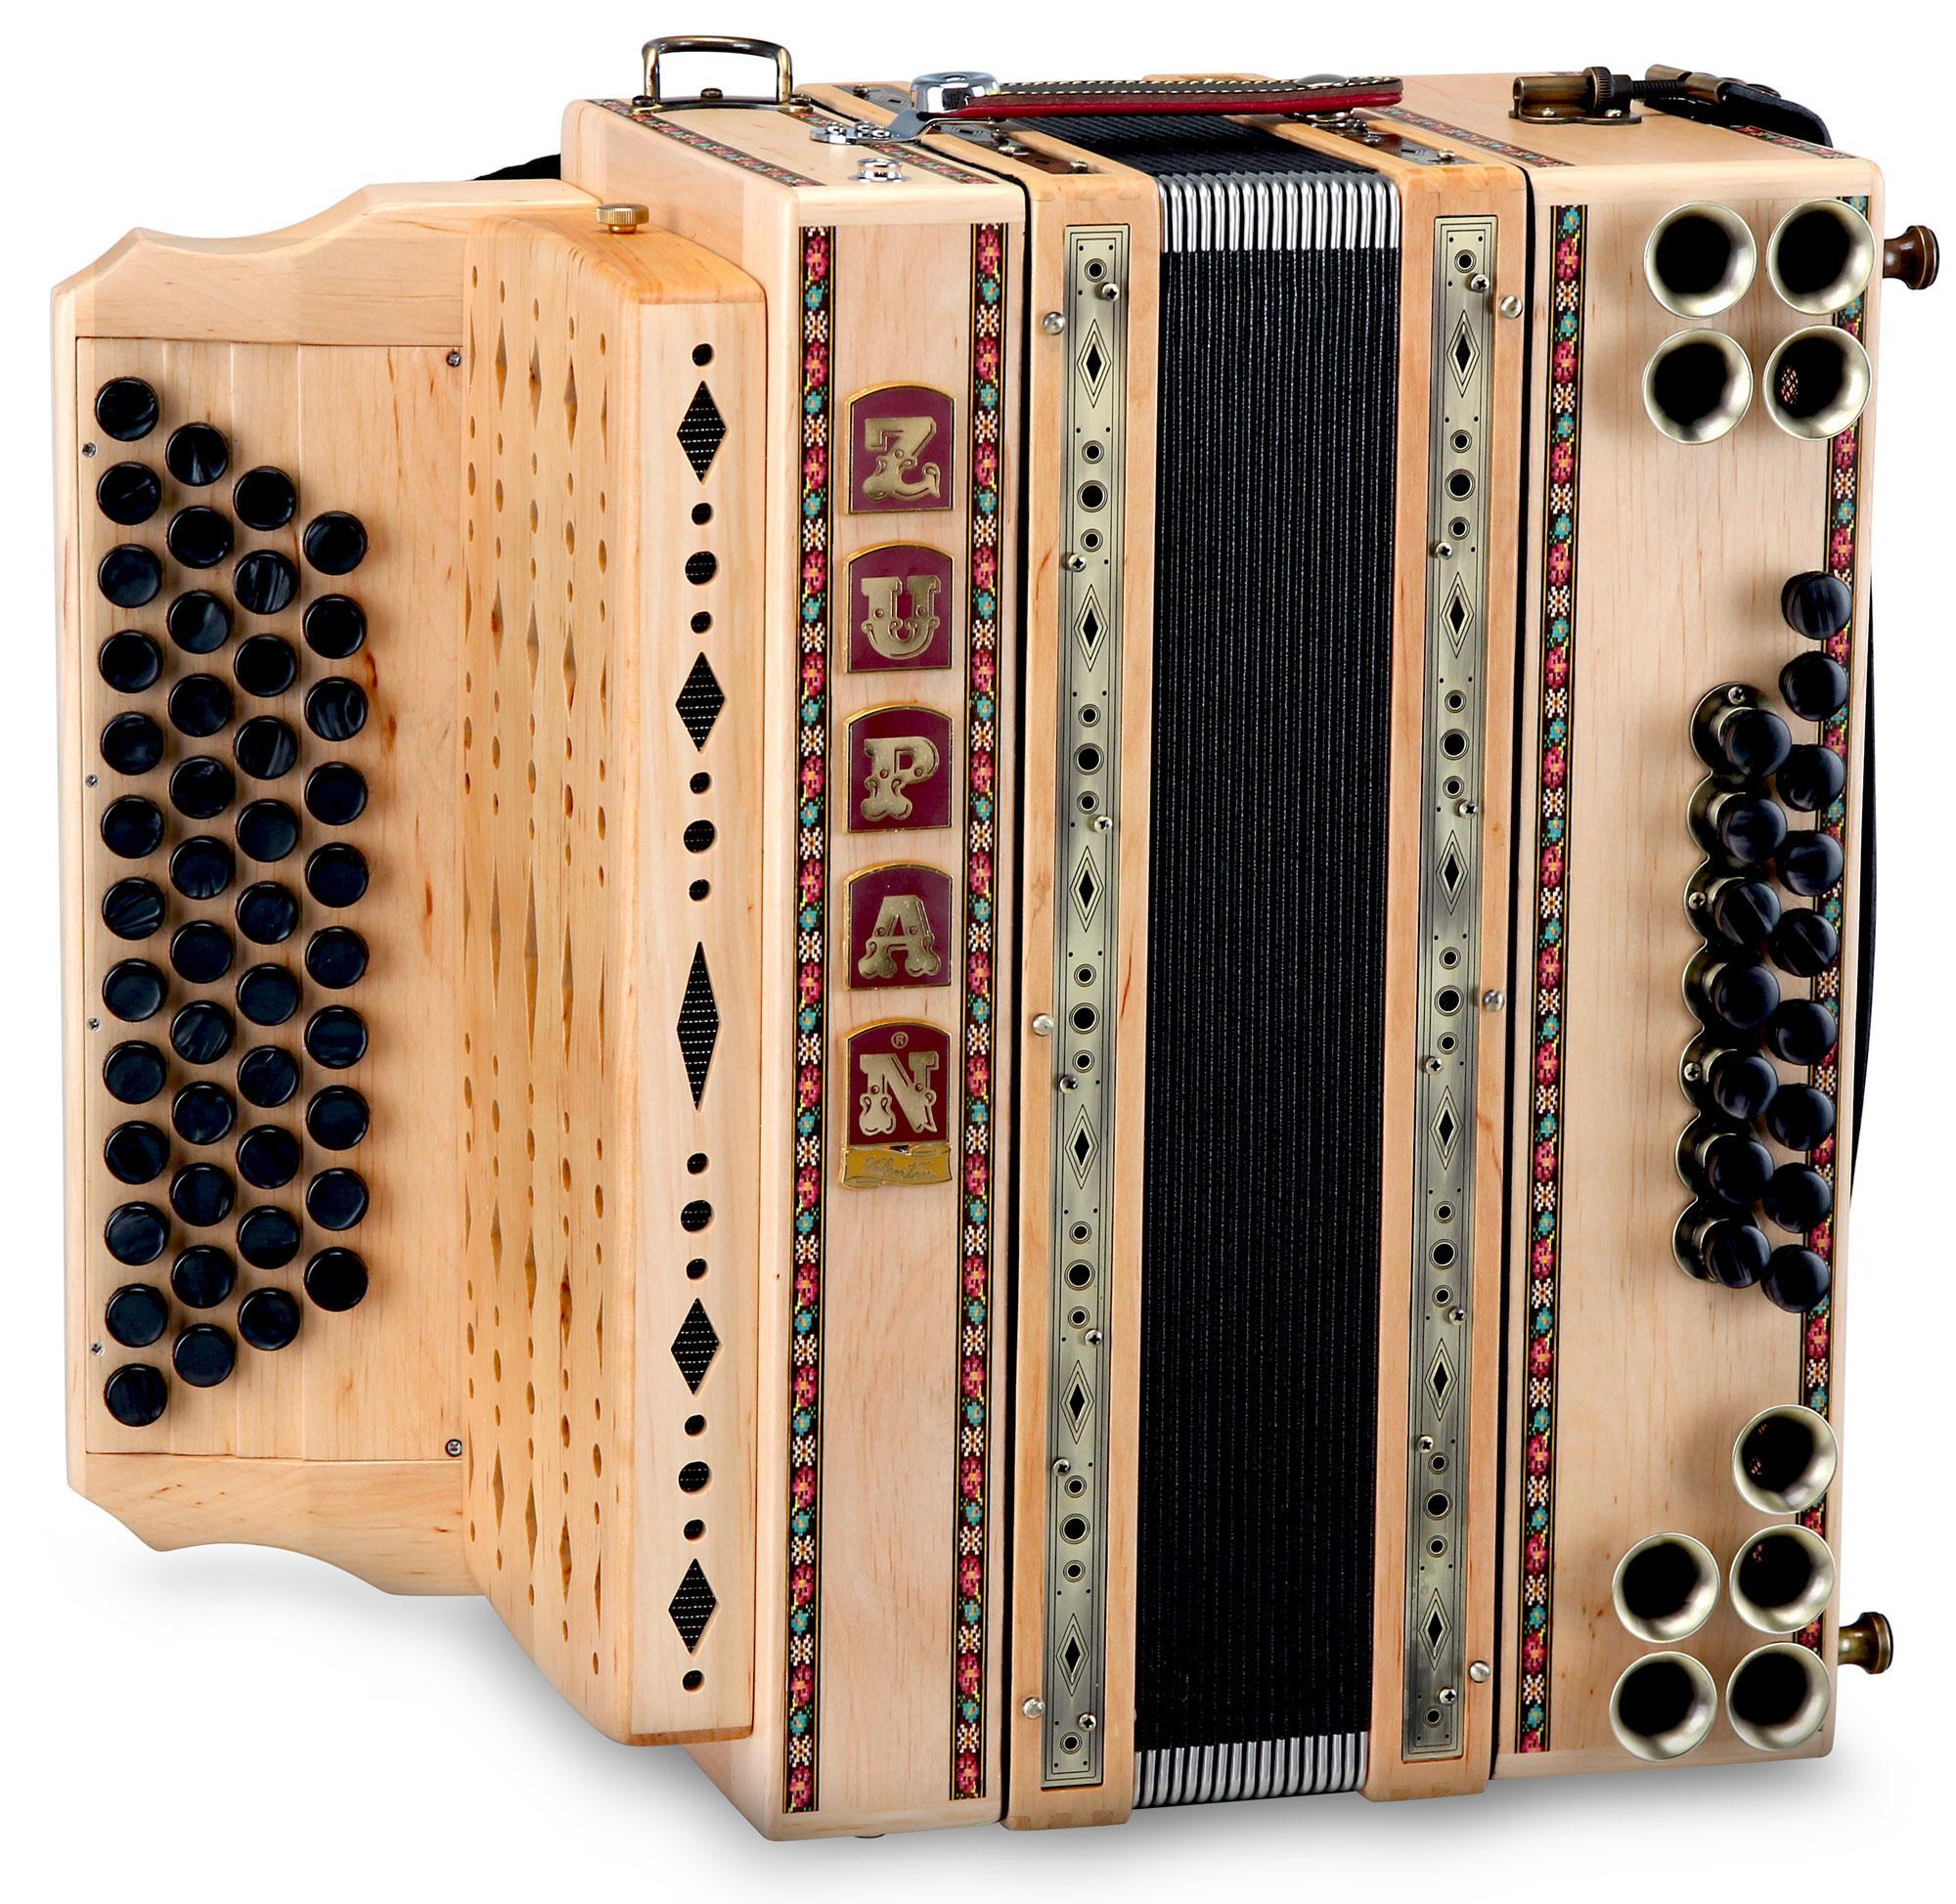 Zupan Eco 4 Iii Harmonika B Es As Des Erle